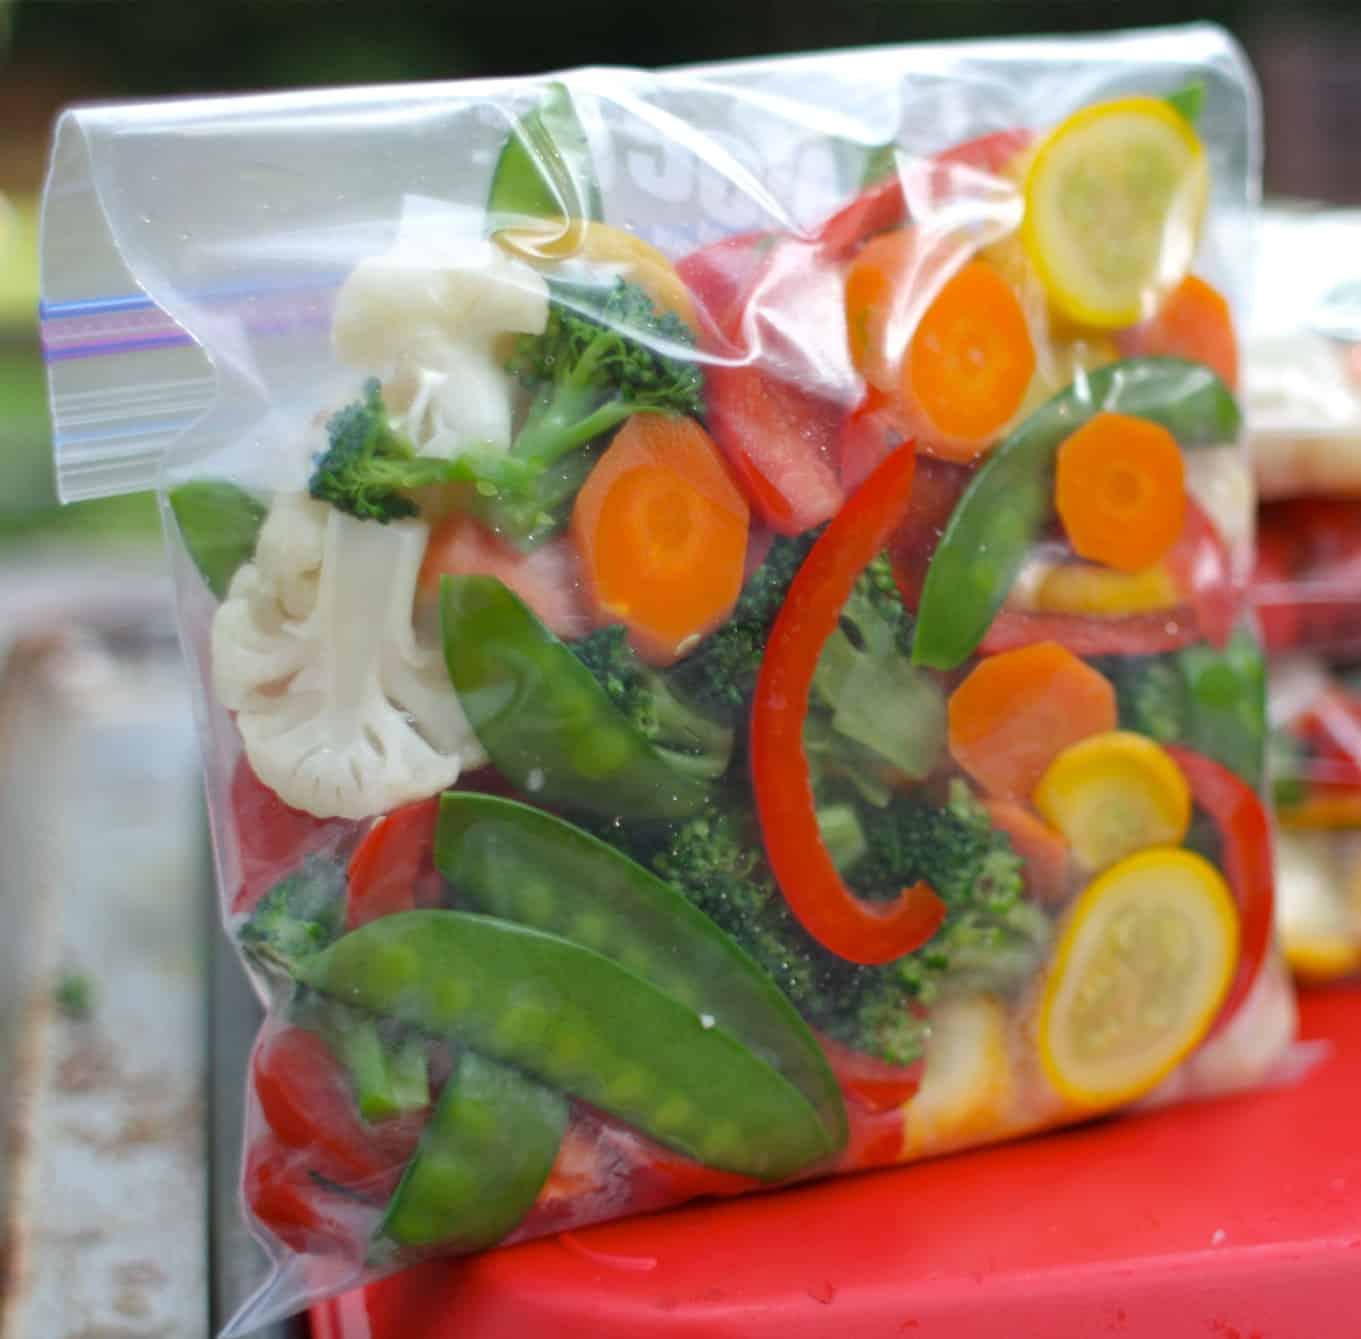 Картинки по запросу Сохранение овощей в морозильнике